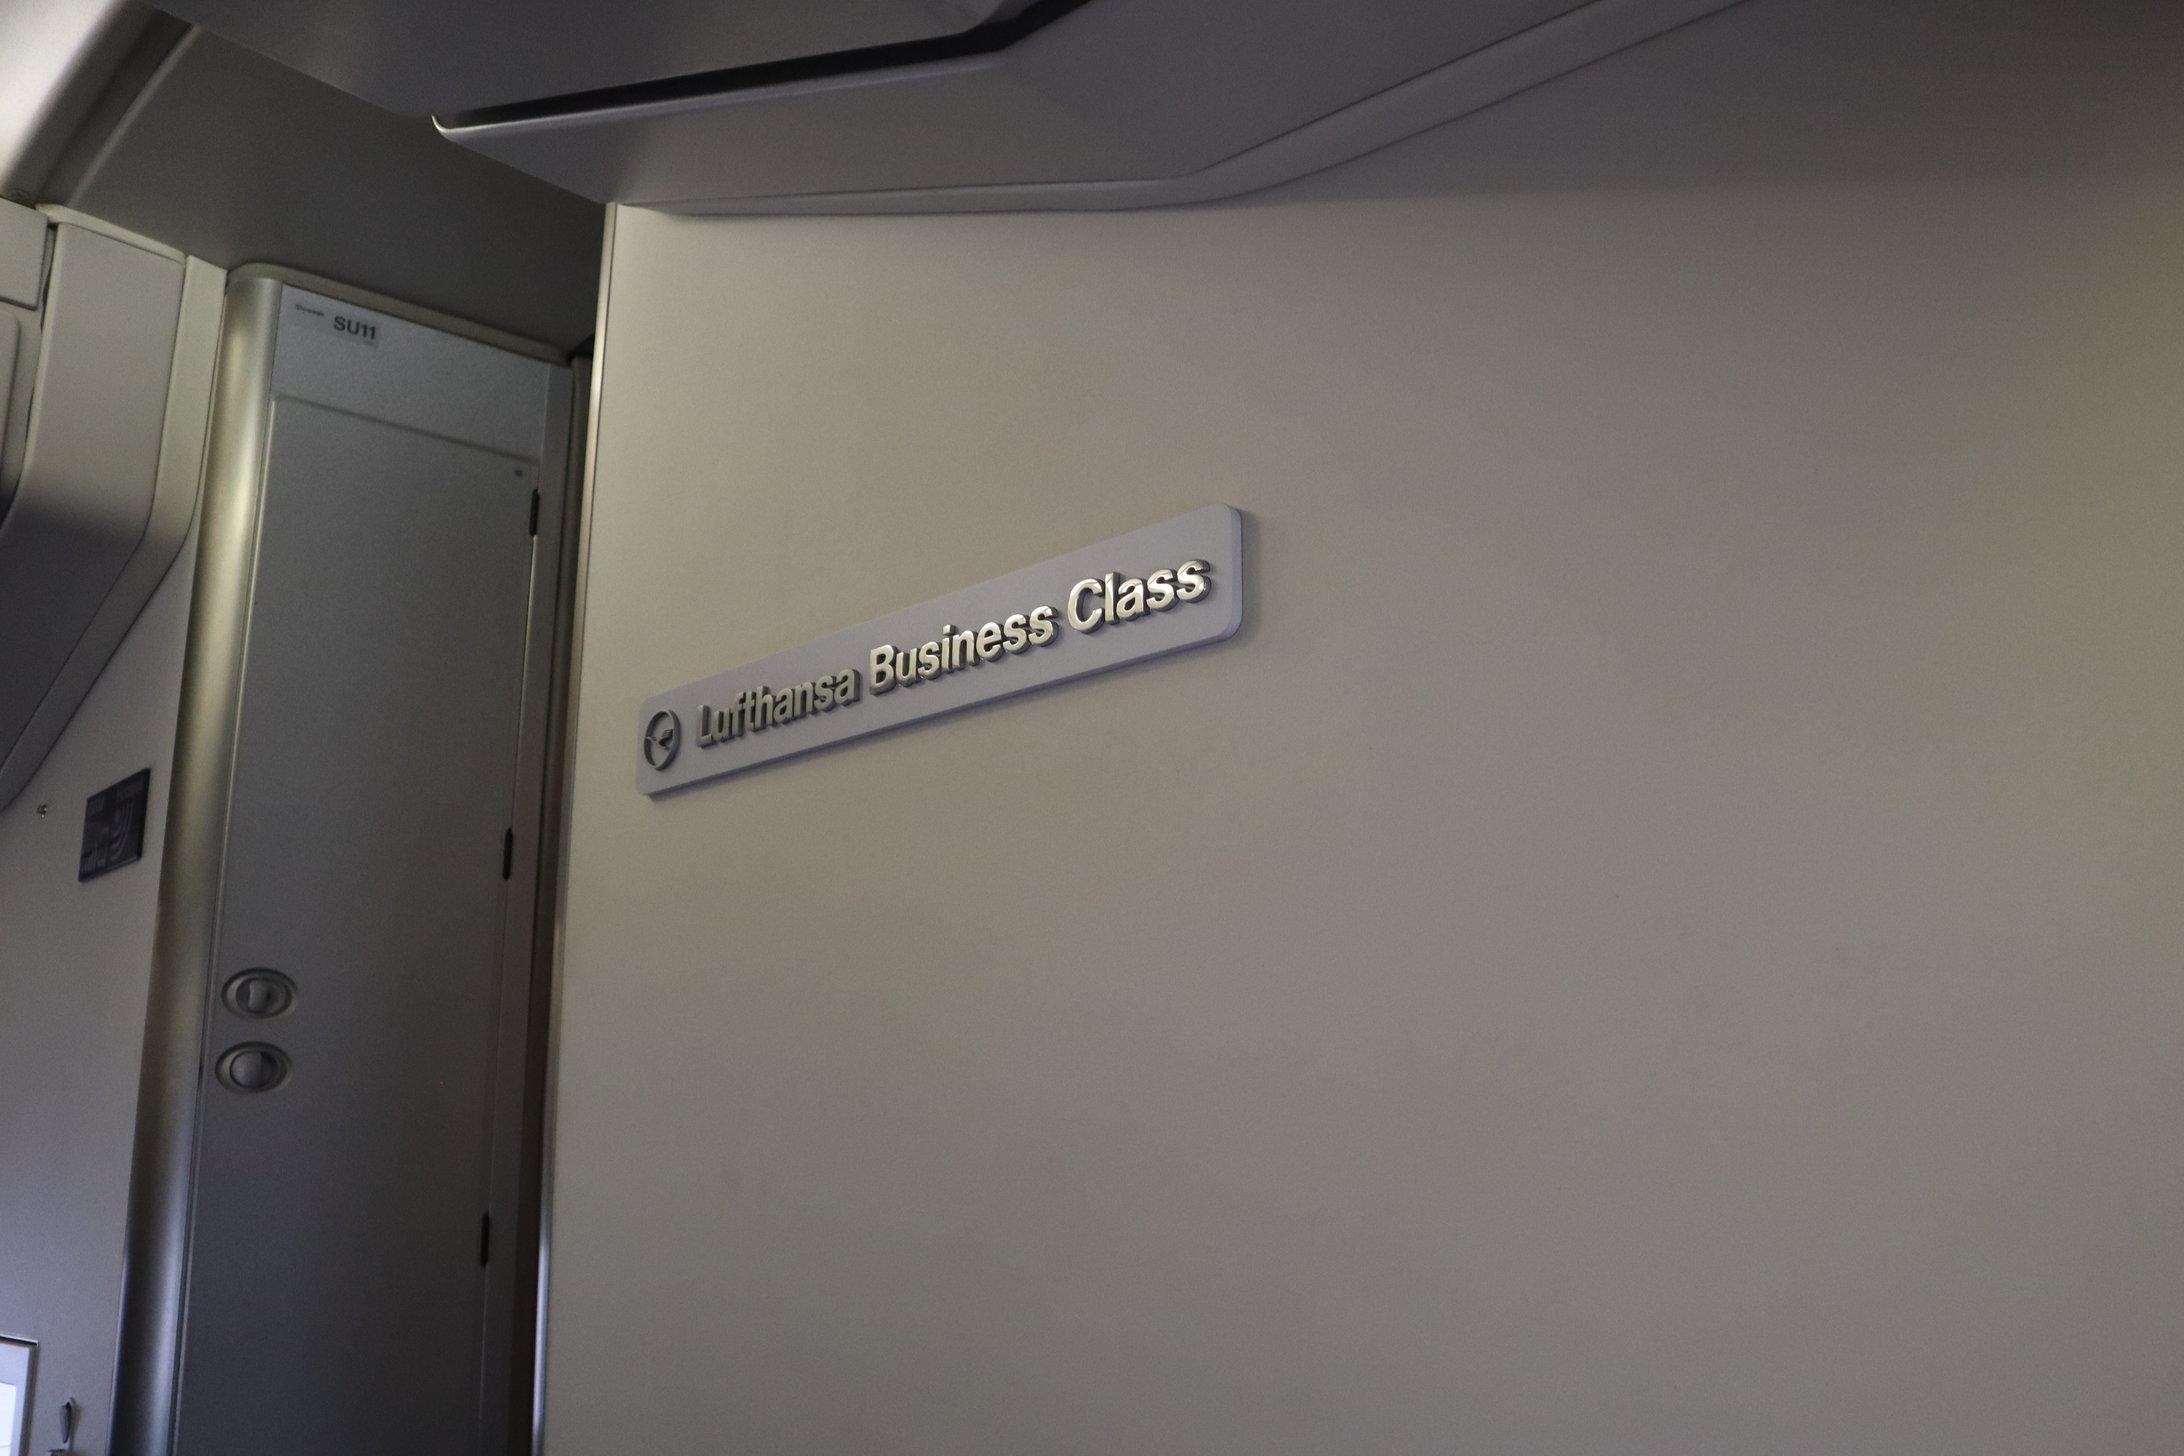 Lufthansa 747-400 business class – Bulkhead sign